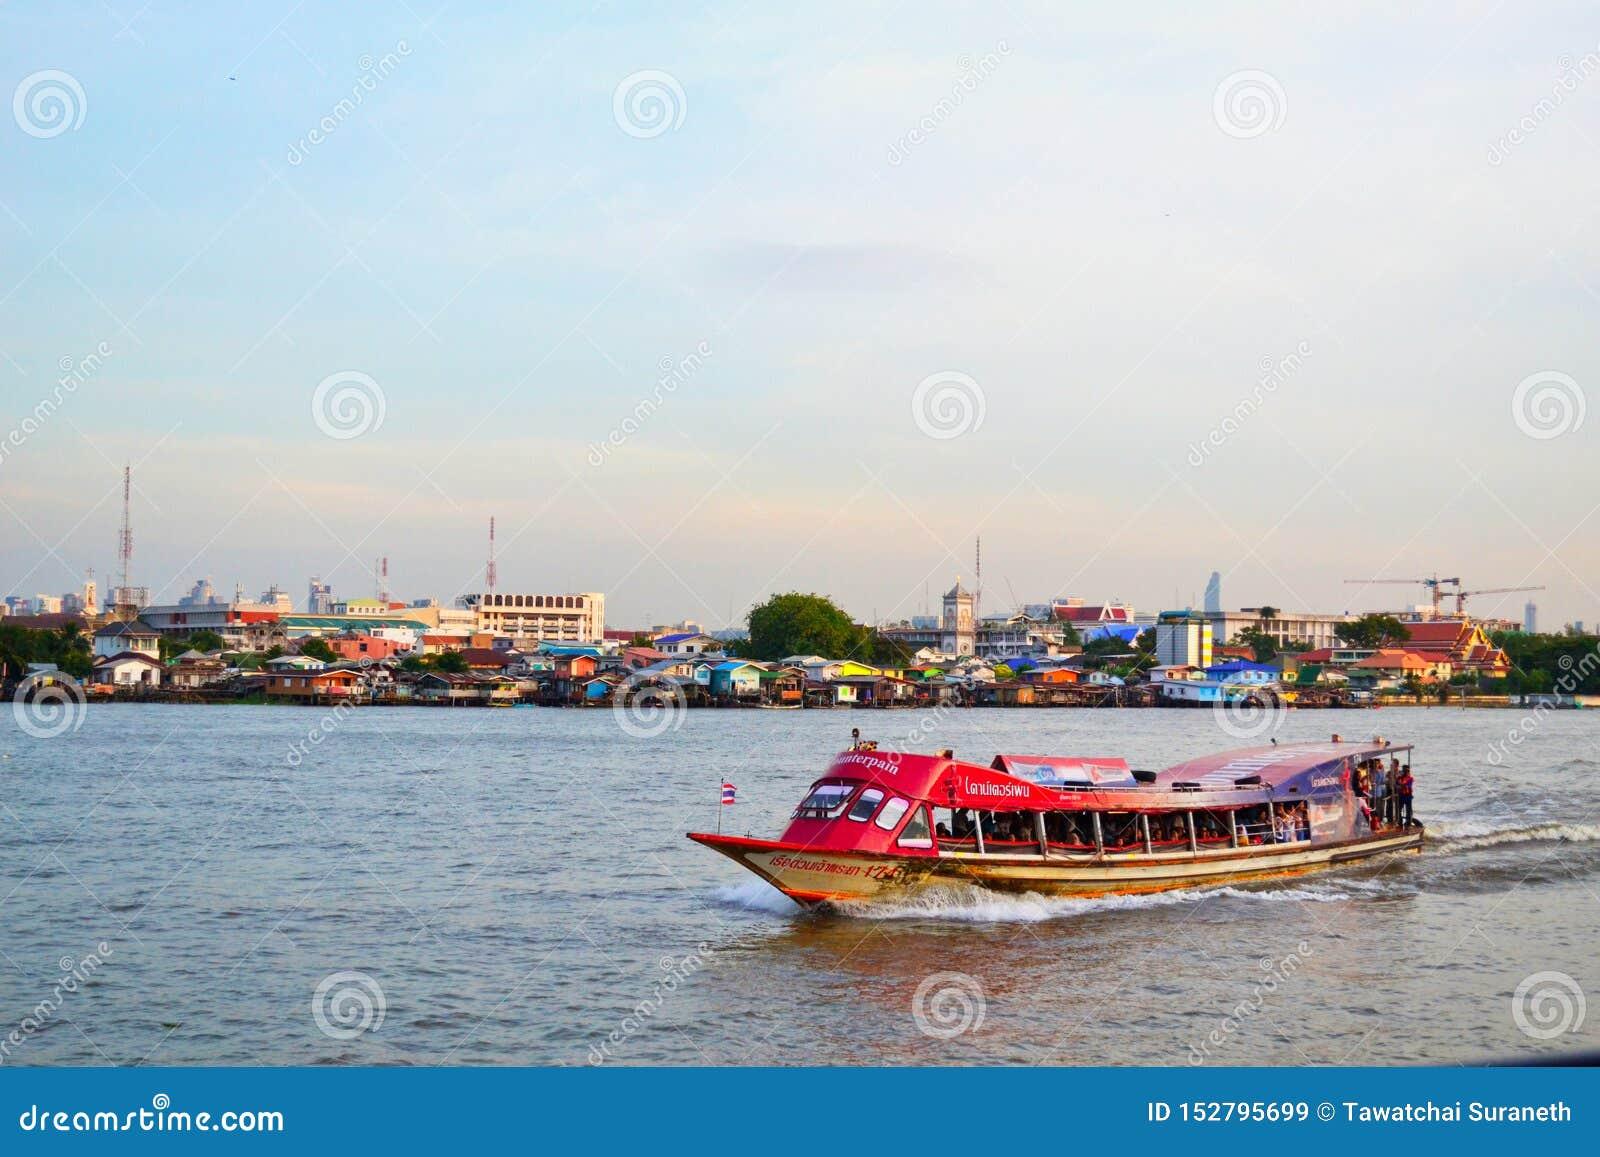 Thailändischer Fluss und großer Hintergrund